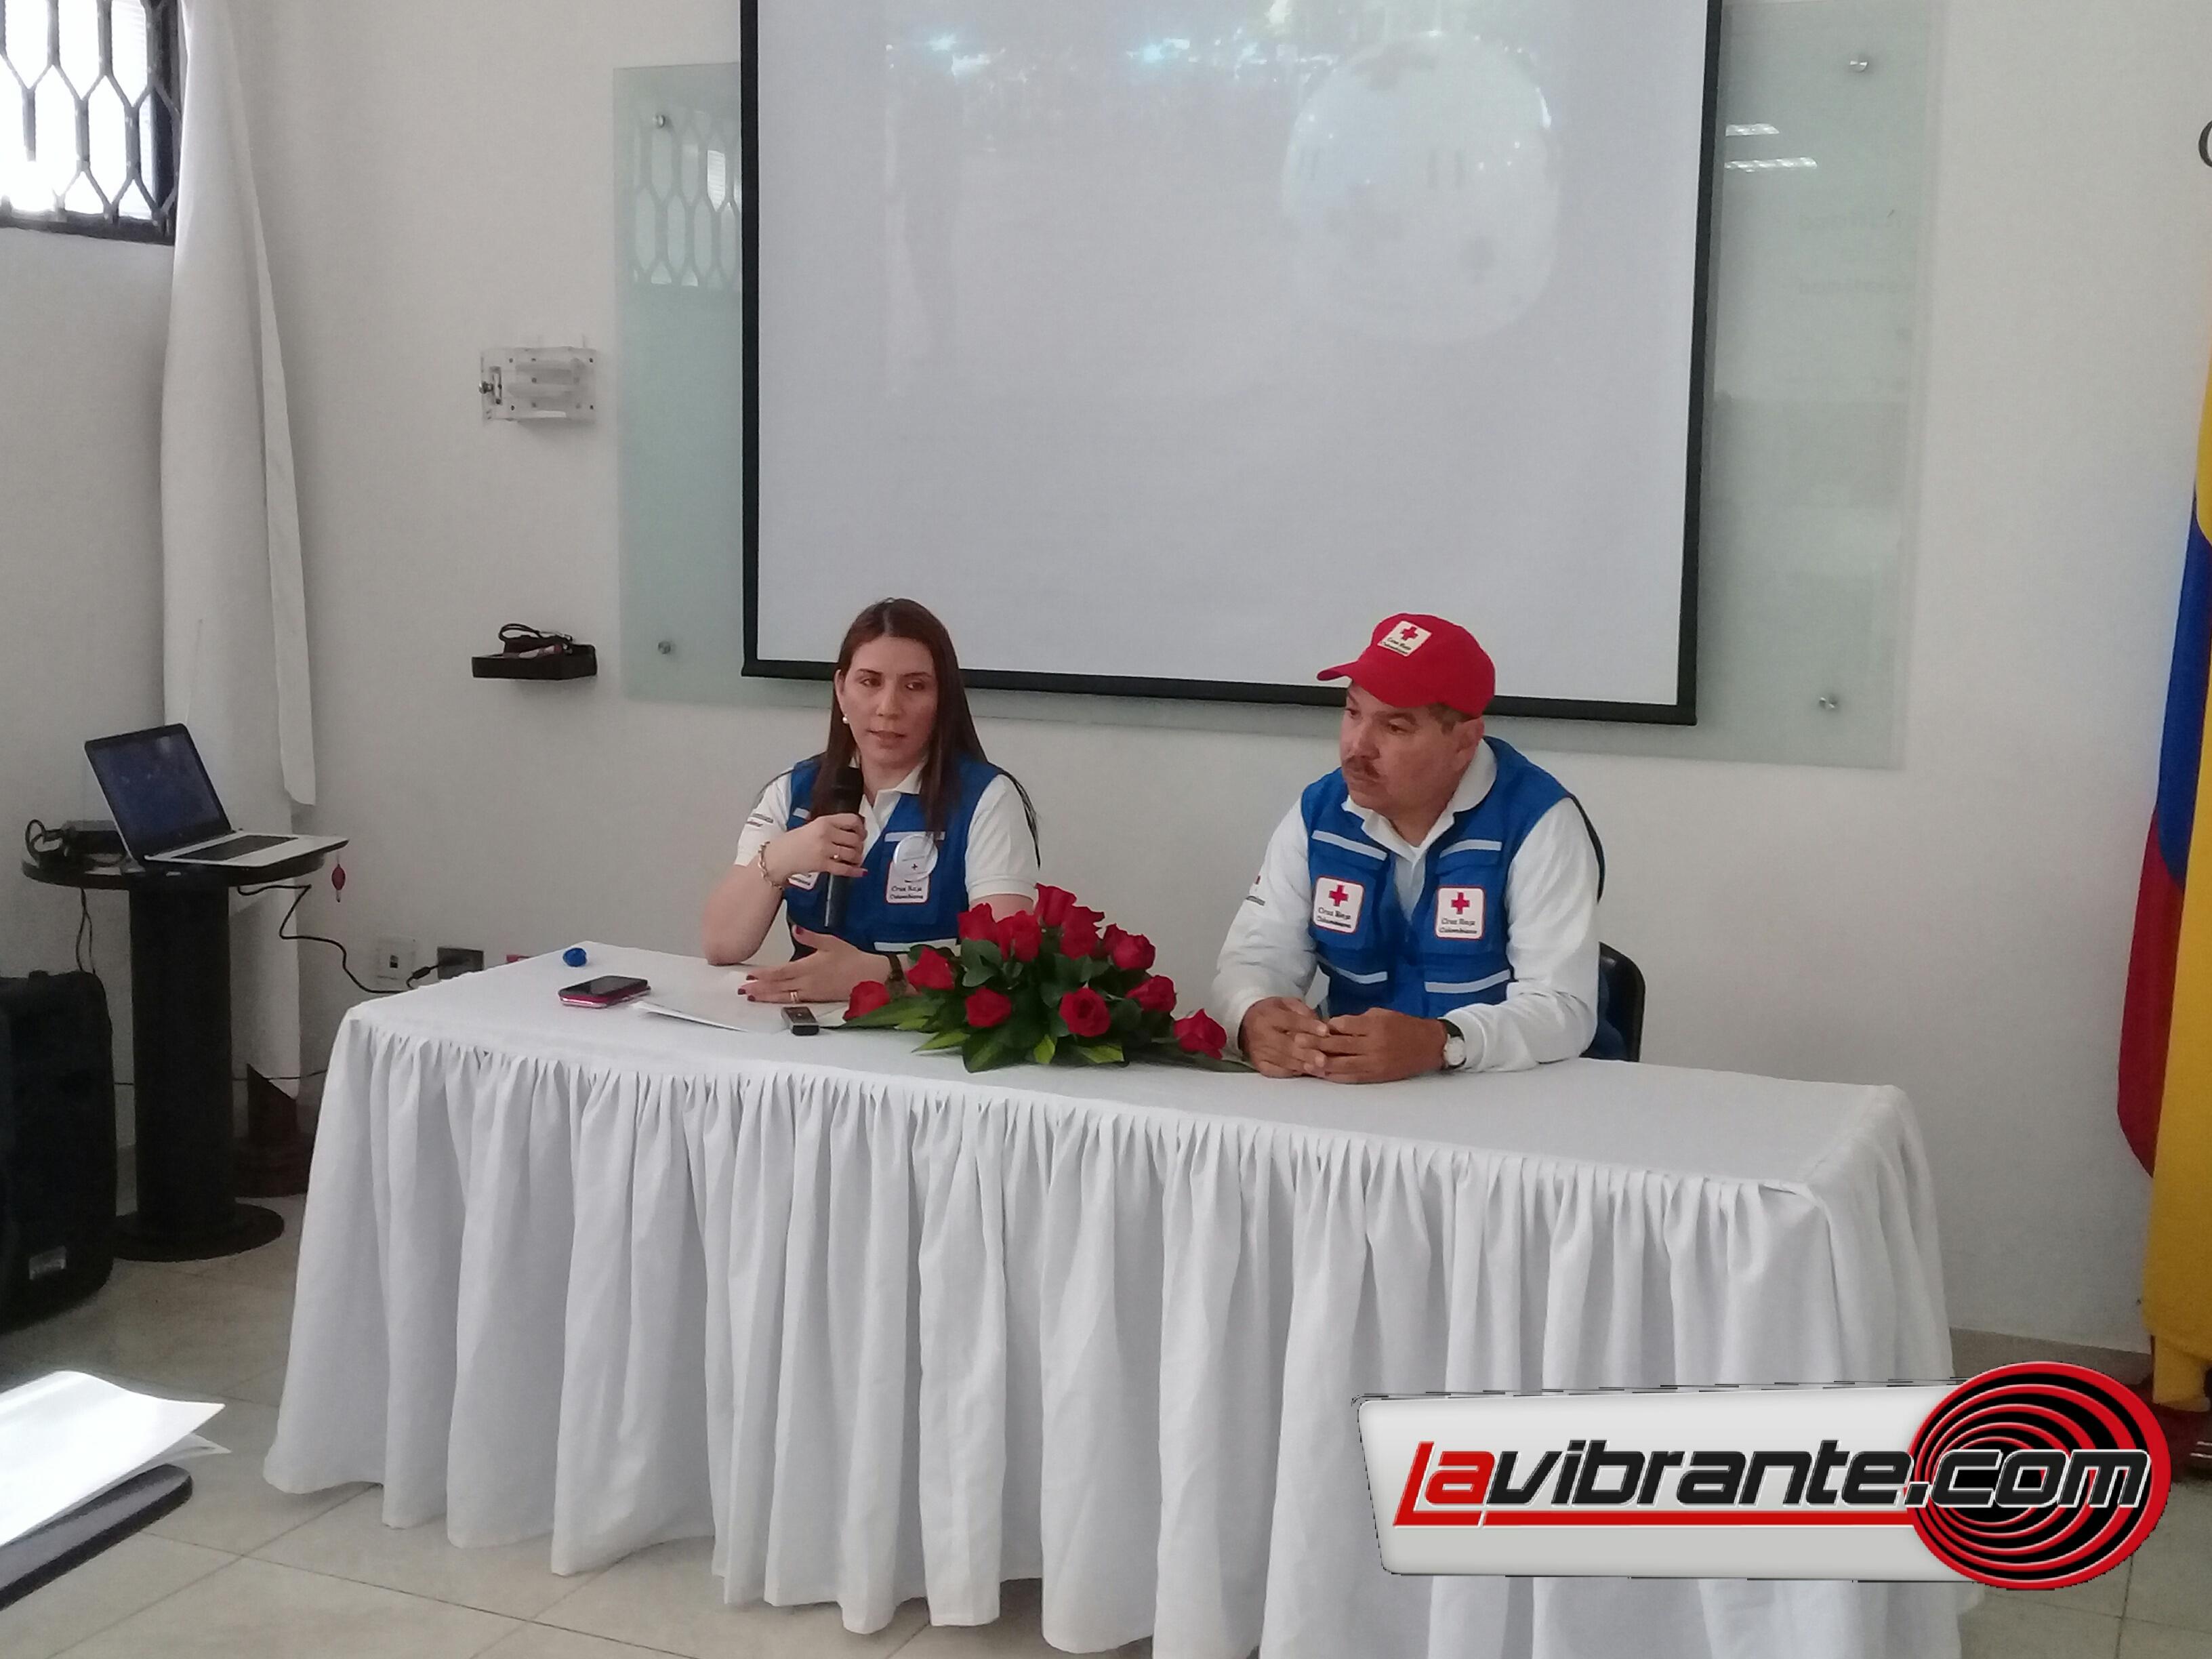 Cruz Roja Colombiana estará Presente en el Carnaval de Barranquilla 2018